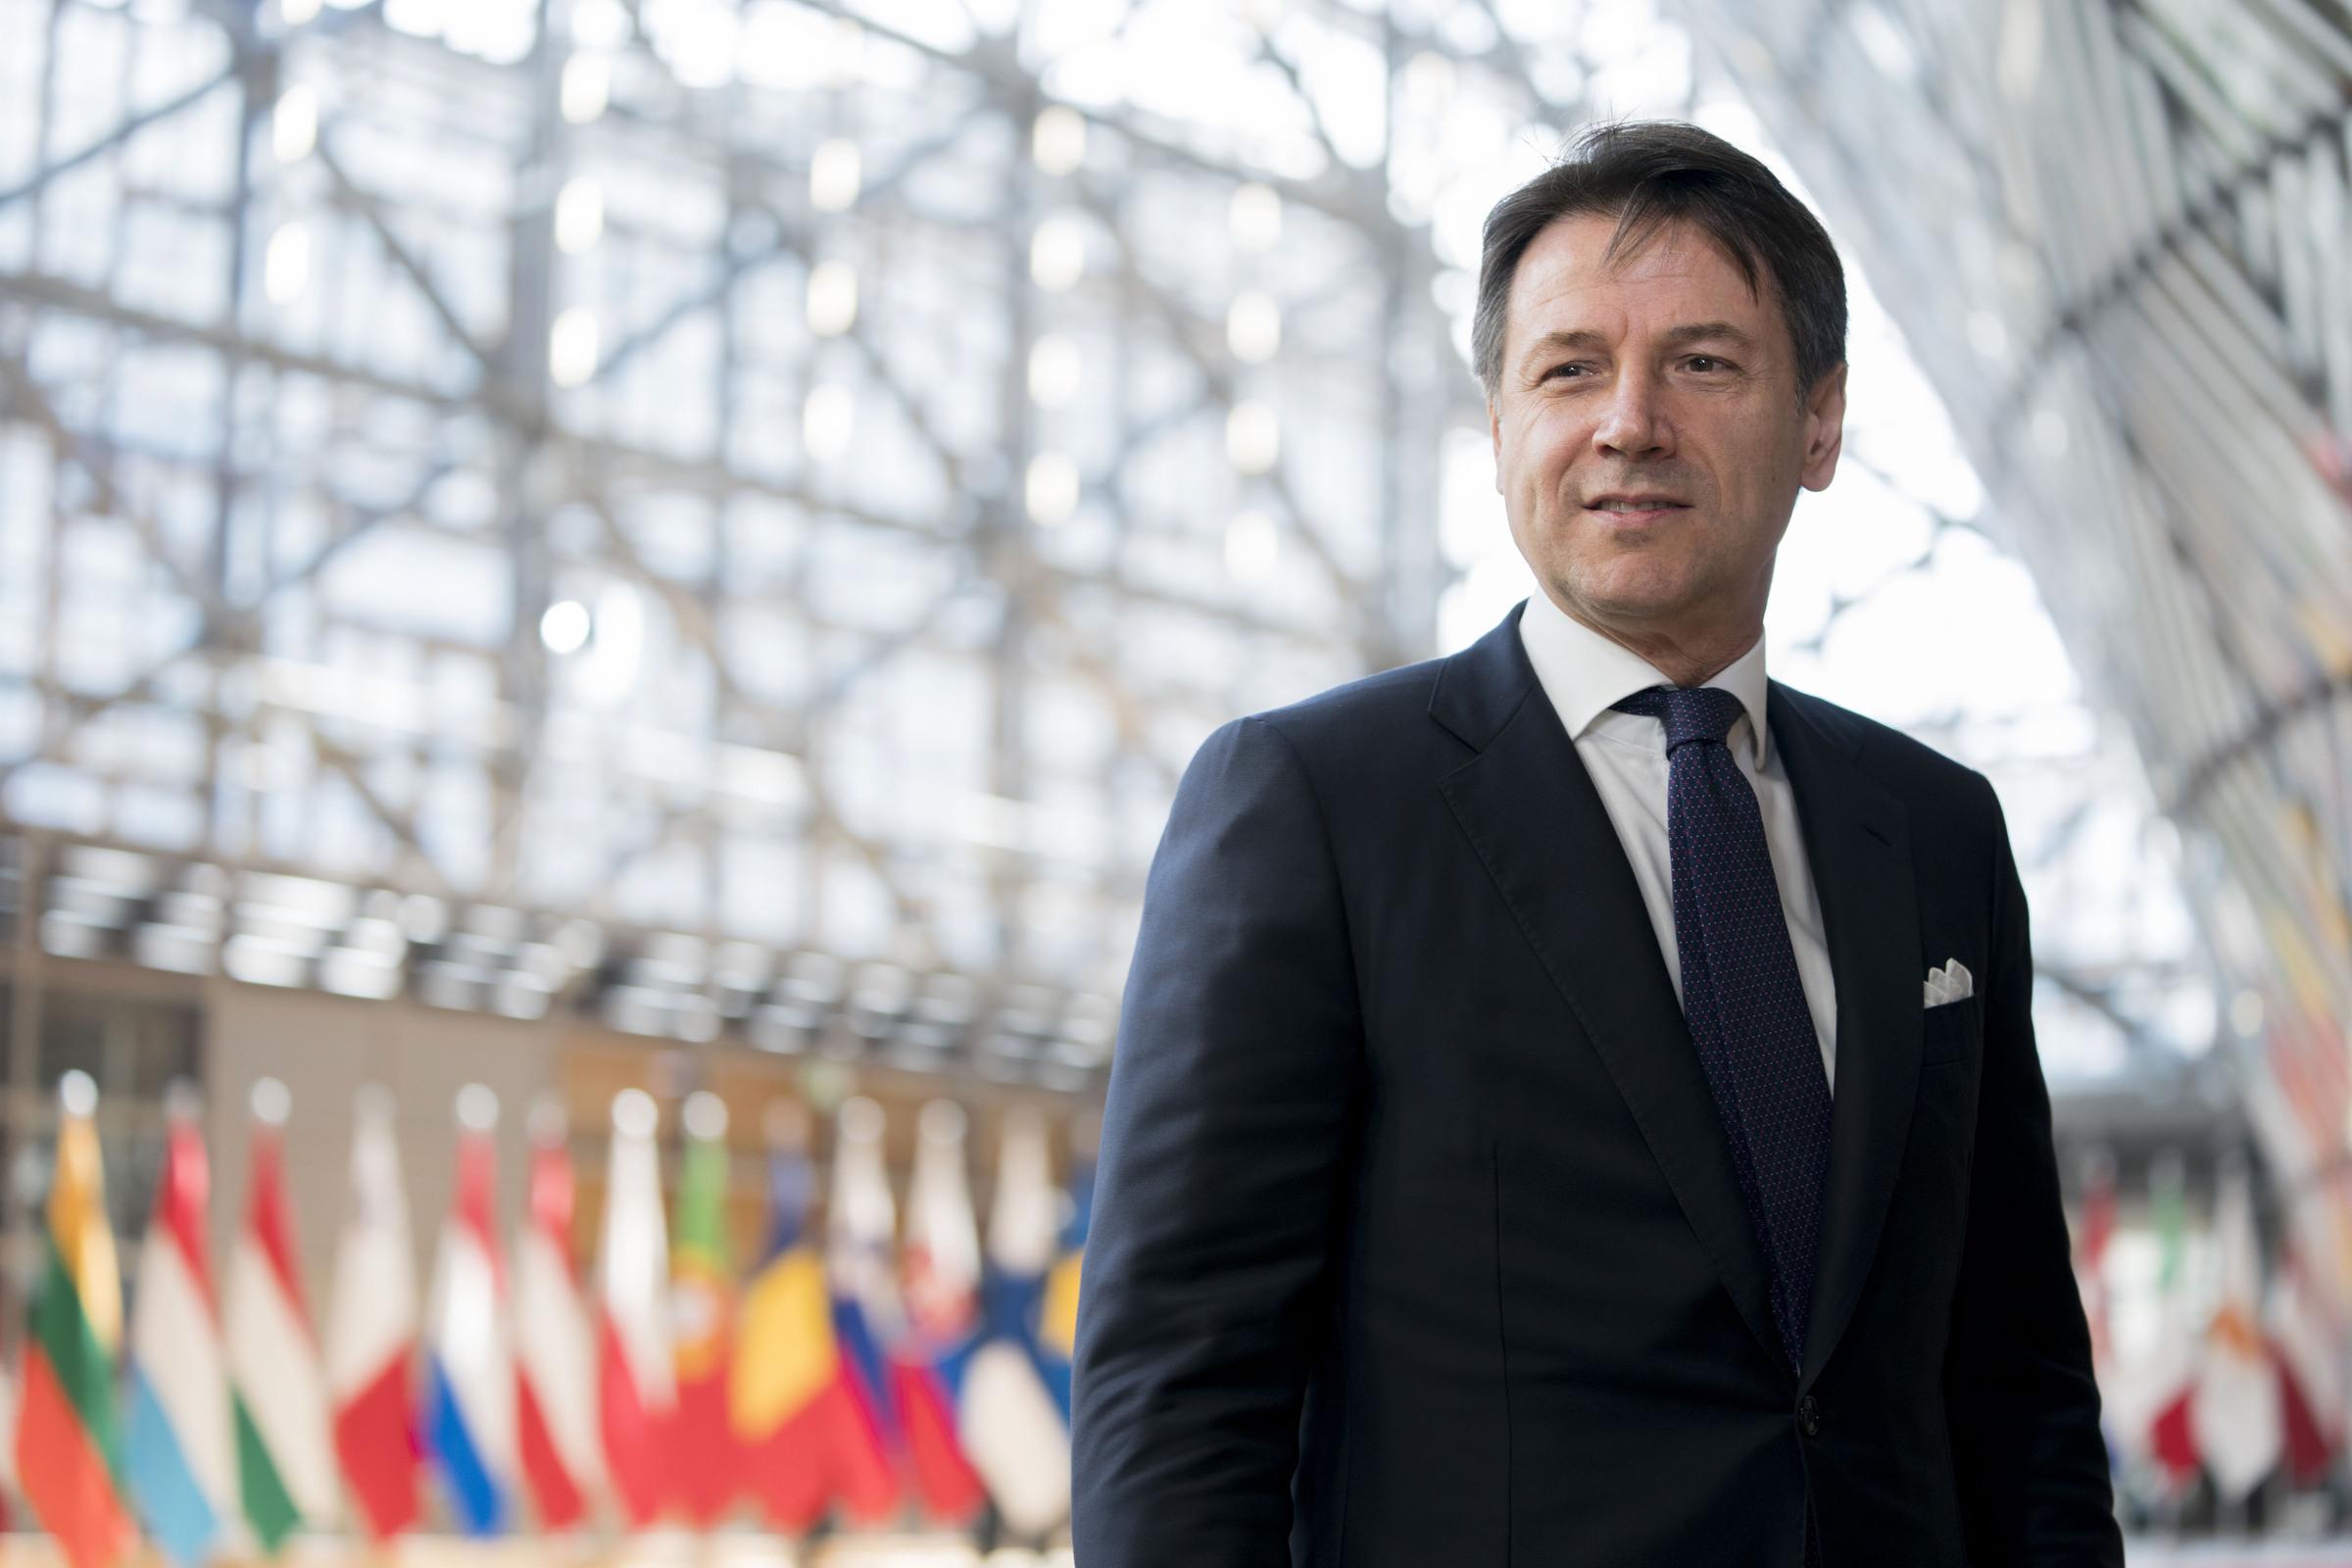 Calendario Bonus Renzi 2020.La Melina Del Premier Sulla Manovra Flat Tax Meglio Il